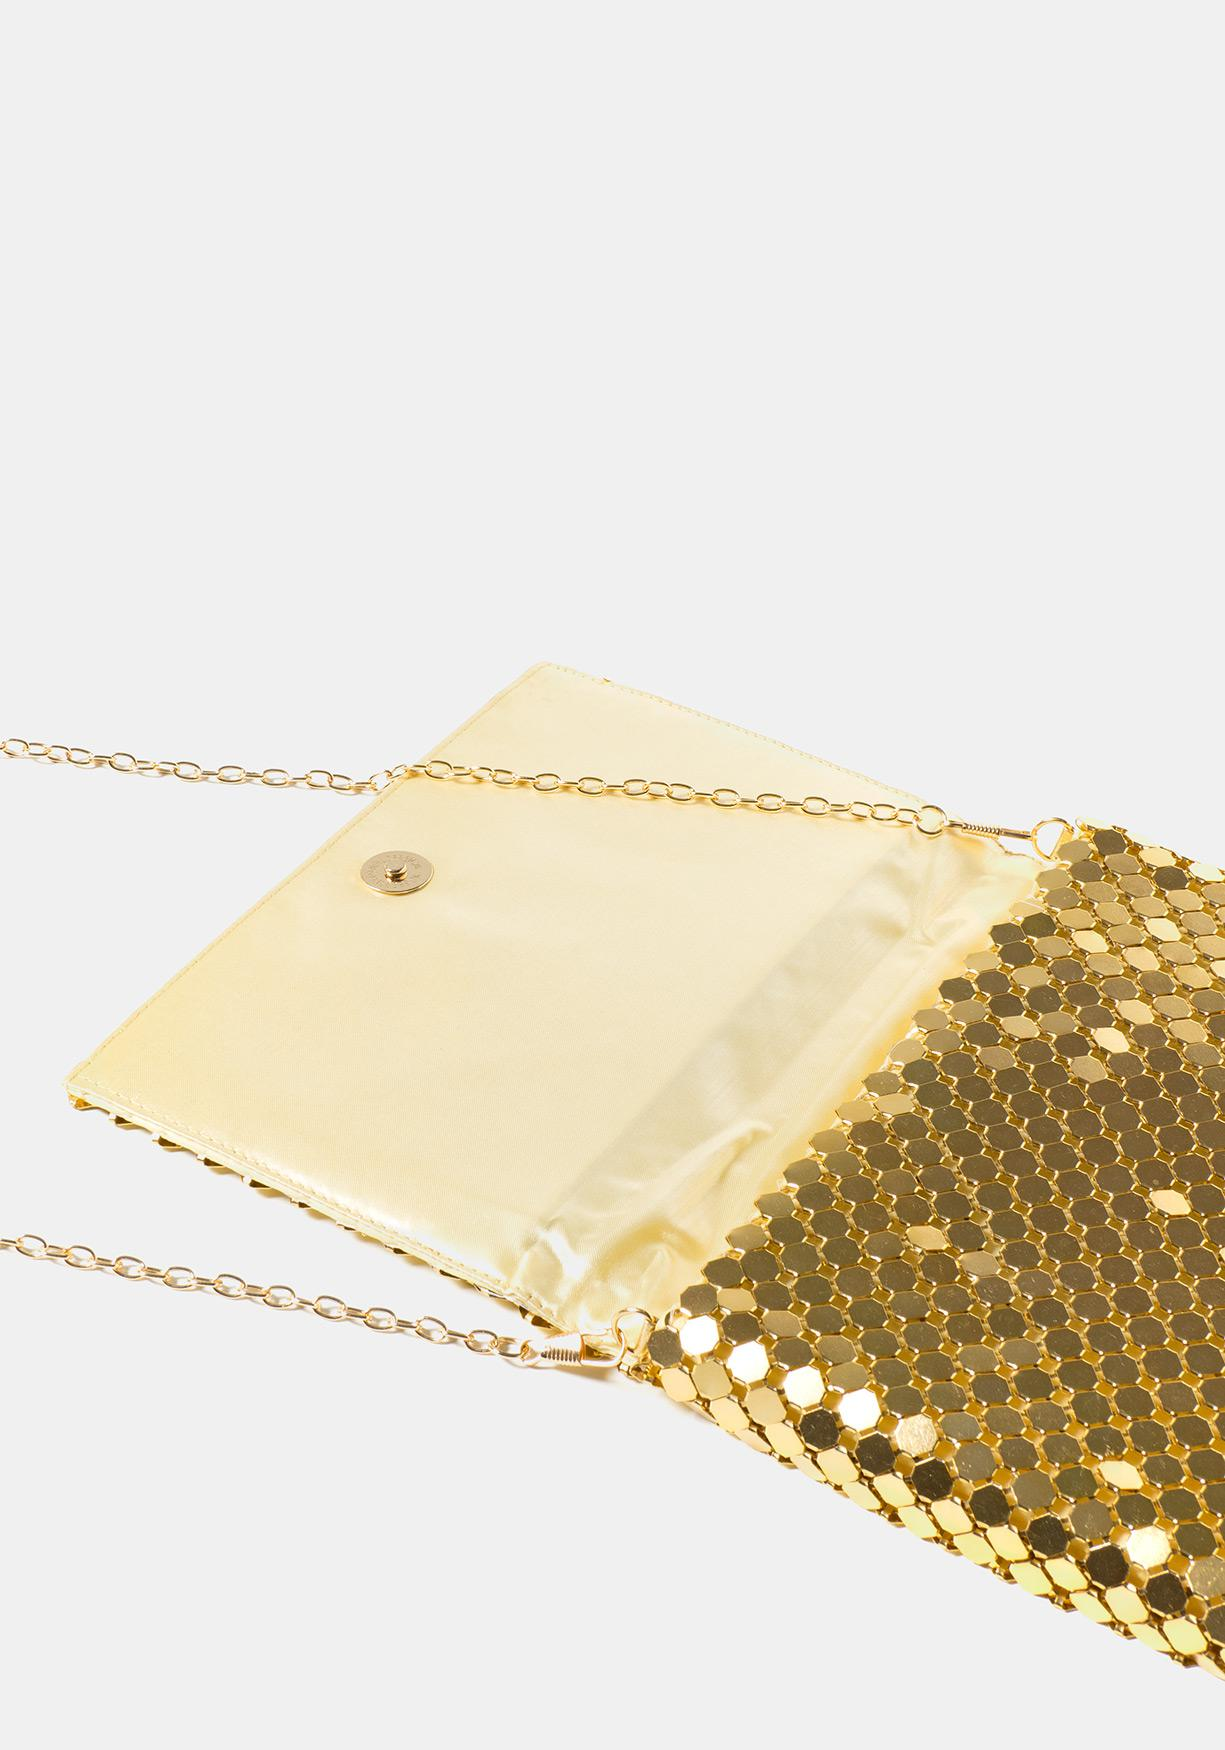 Comprar Bolso dorado de fiesta. ¡Aprovéchate de nuestros precios y ... 3a38ea553cd0